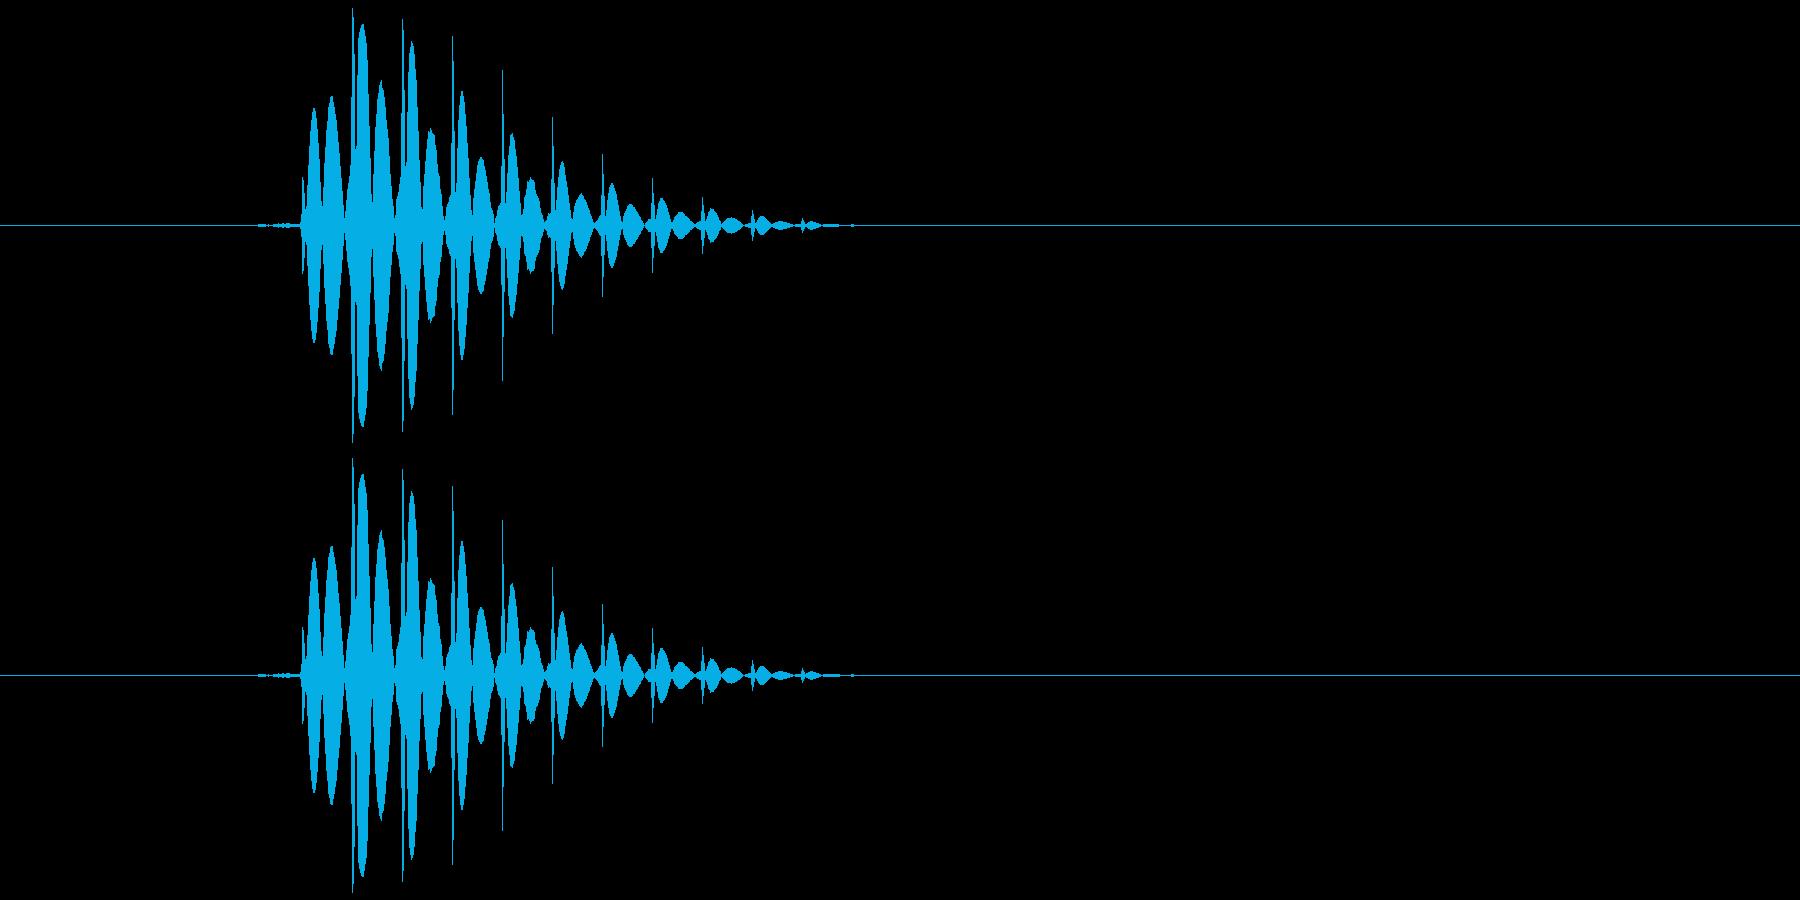 ゲームのカーソル音ですの再生済みの波形